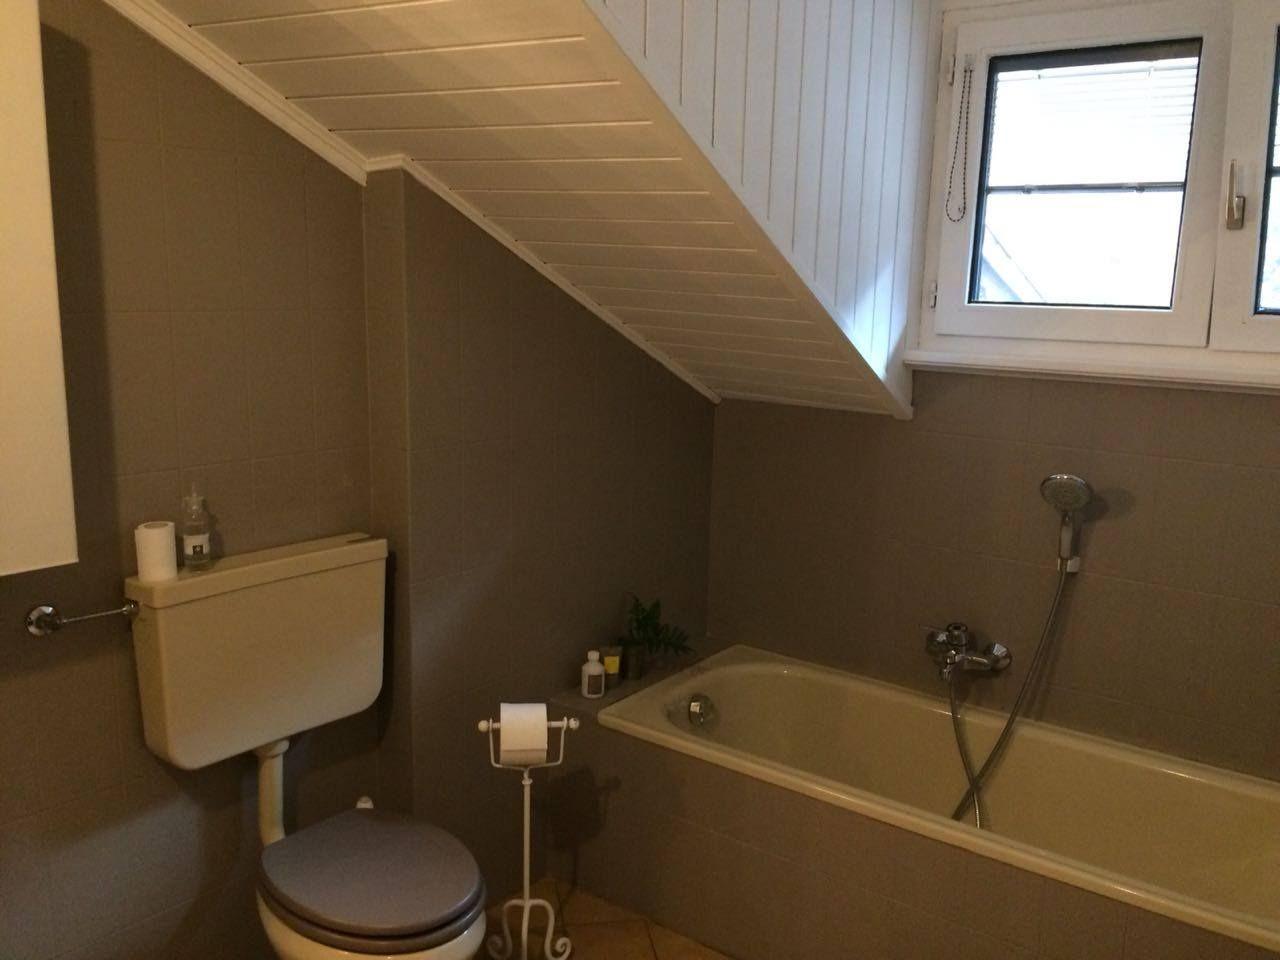 Holzdecke Streichen Mit Kreidefarbe Misspompadour Fliesen Streichen Holzdecke Streichen Kleines Bad Renovierungen